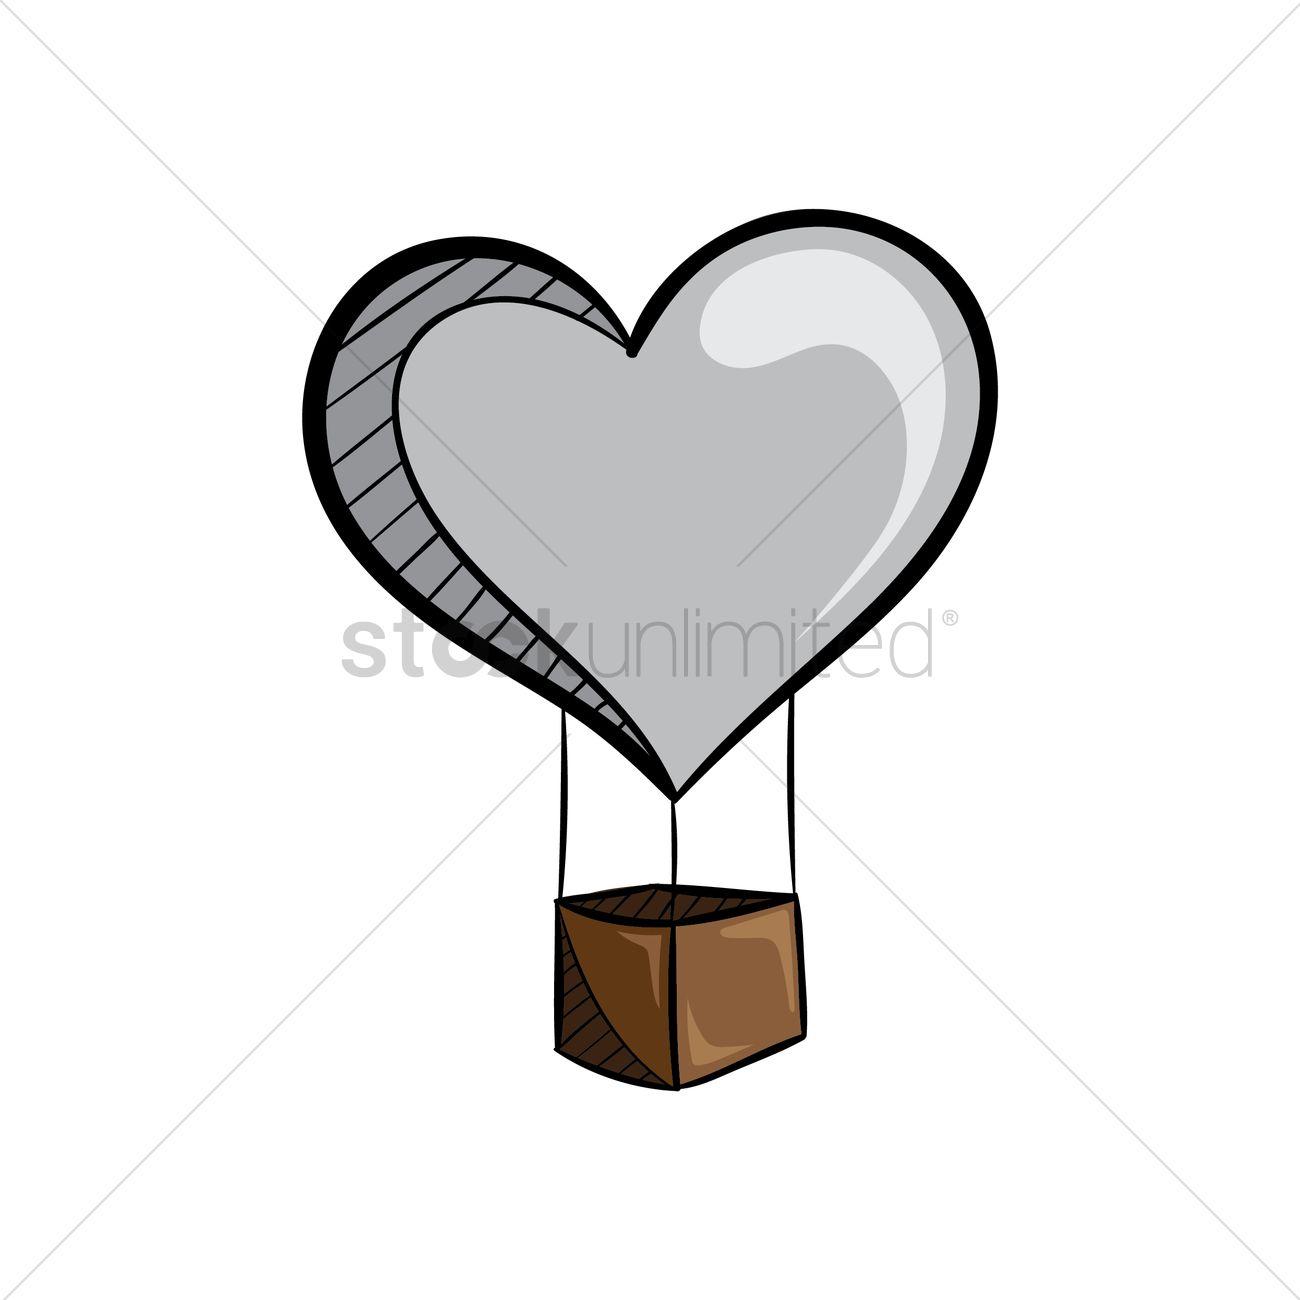 Free Heart shaped hot air balloon Vector Image.